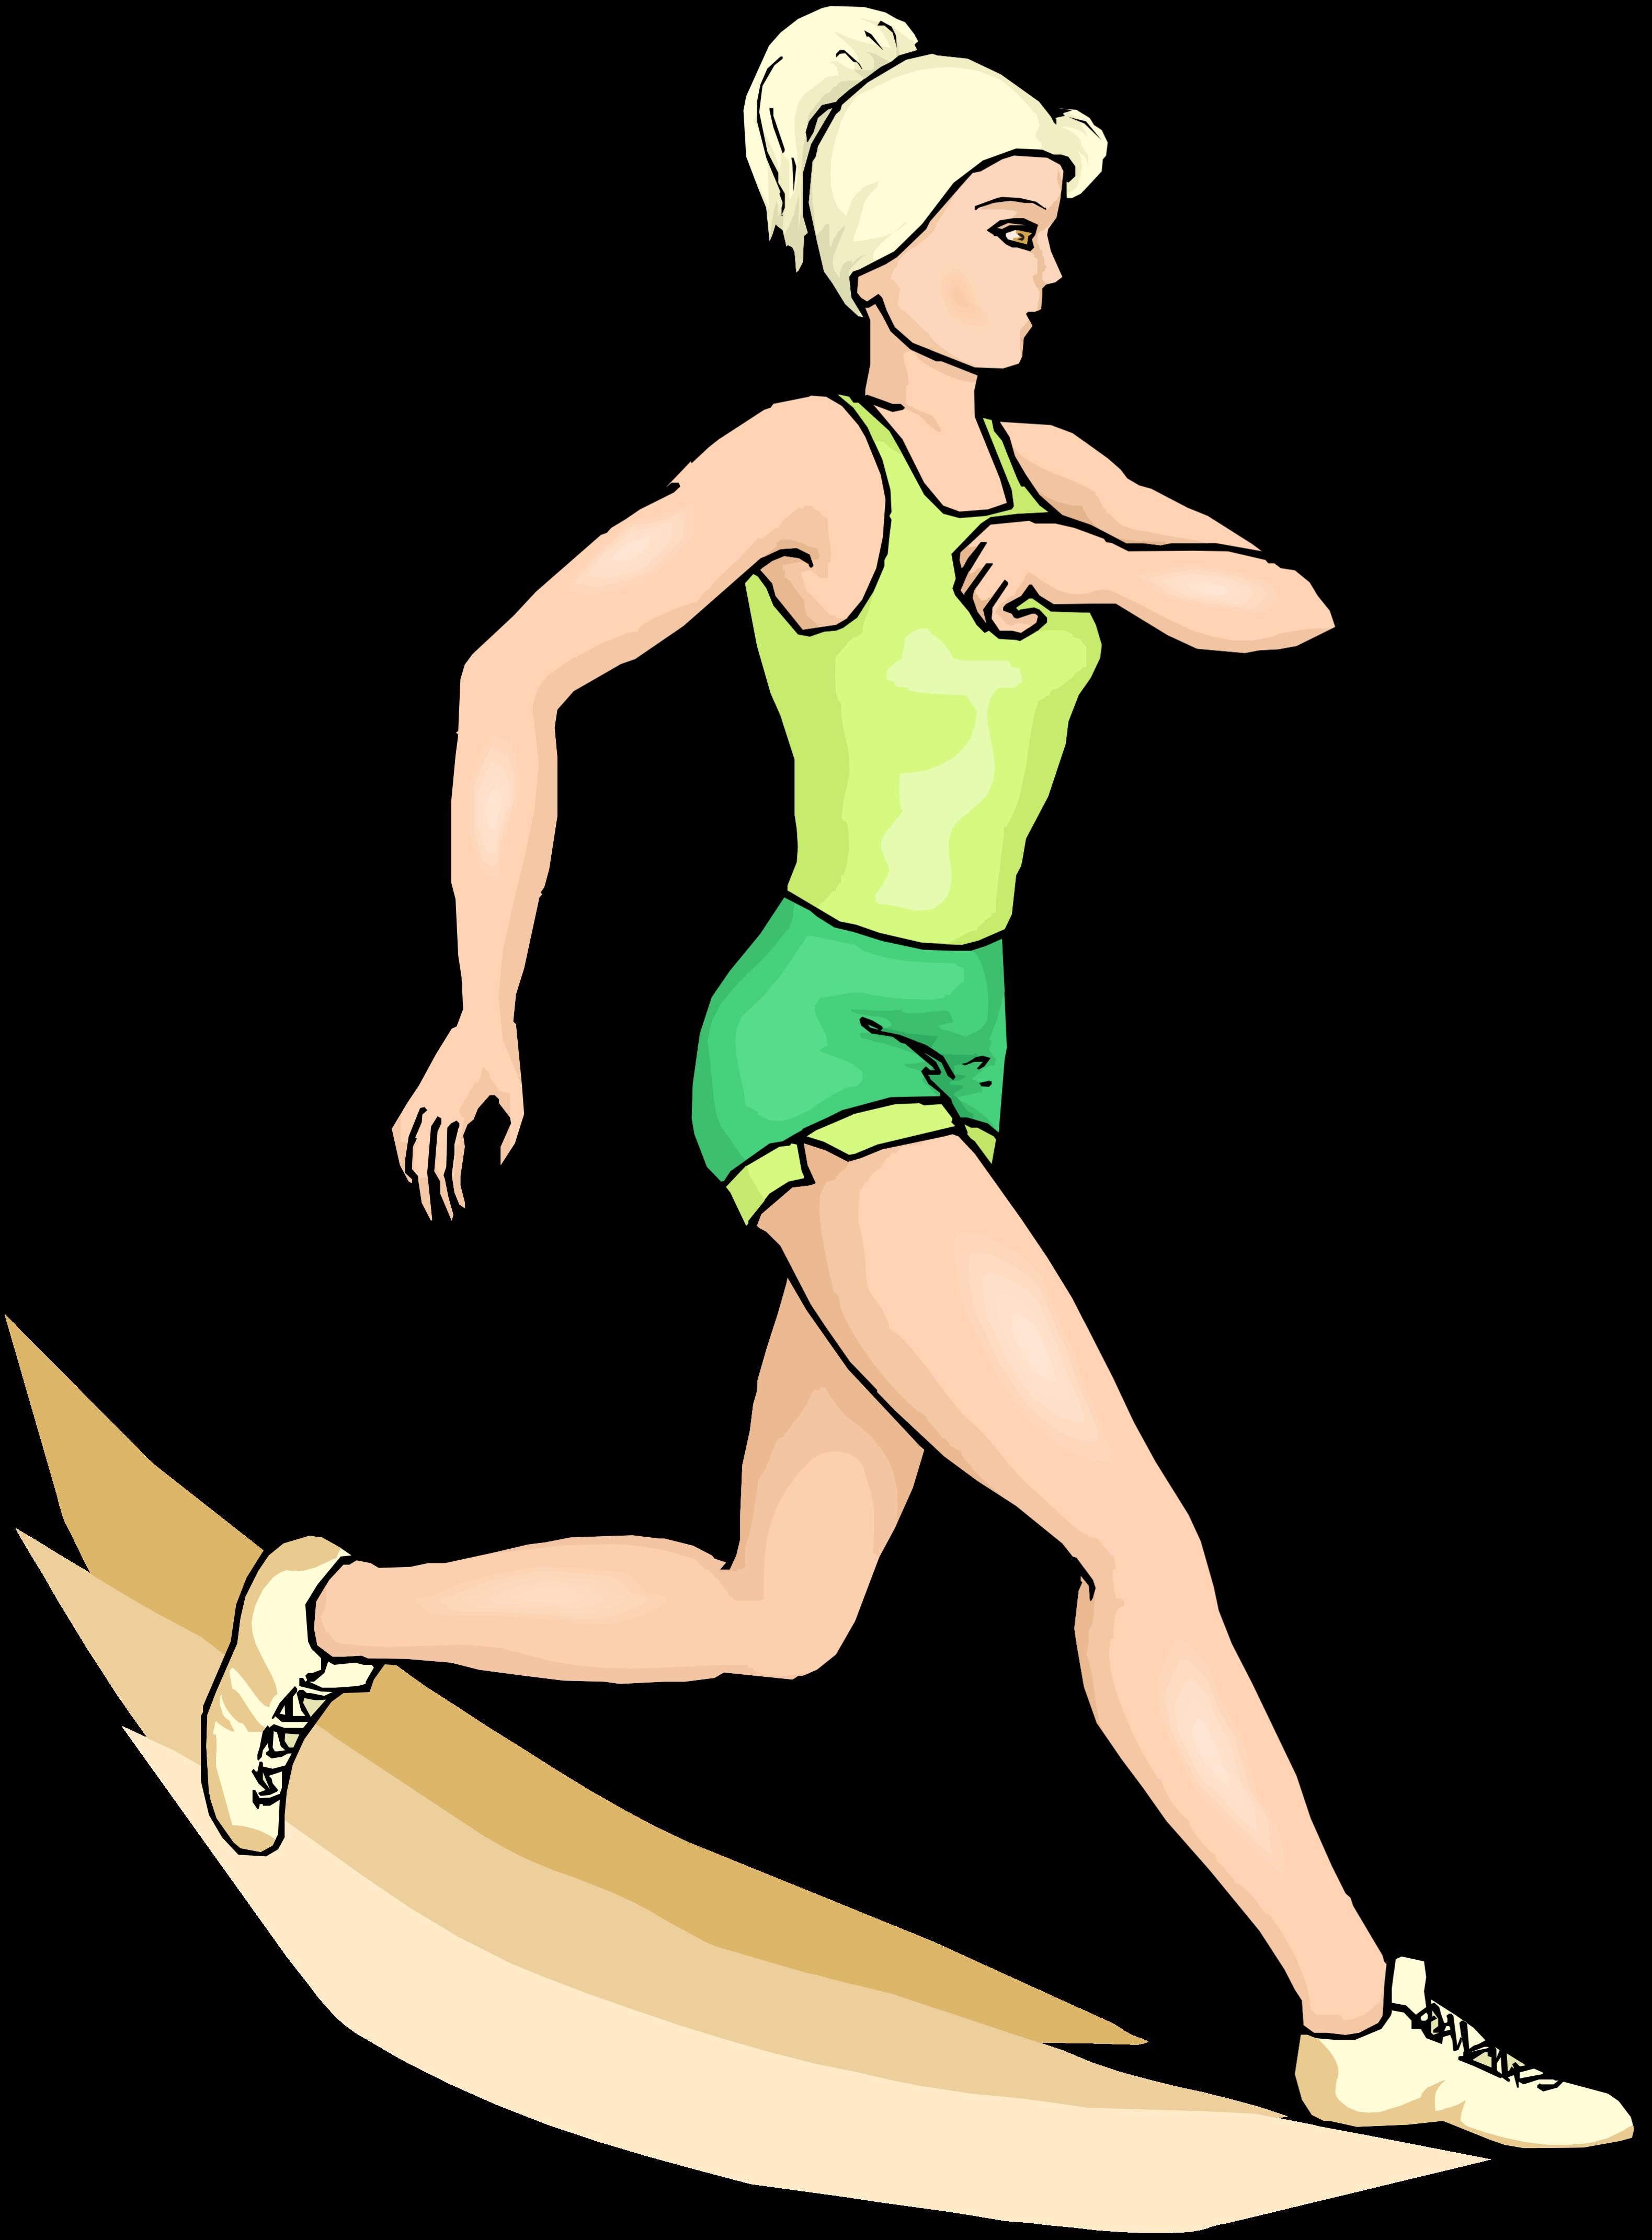 Картинка анимация бегущего